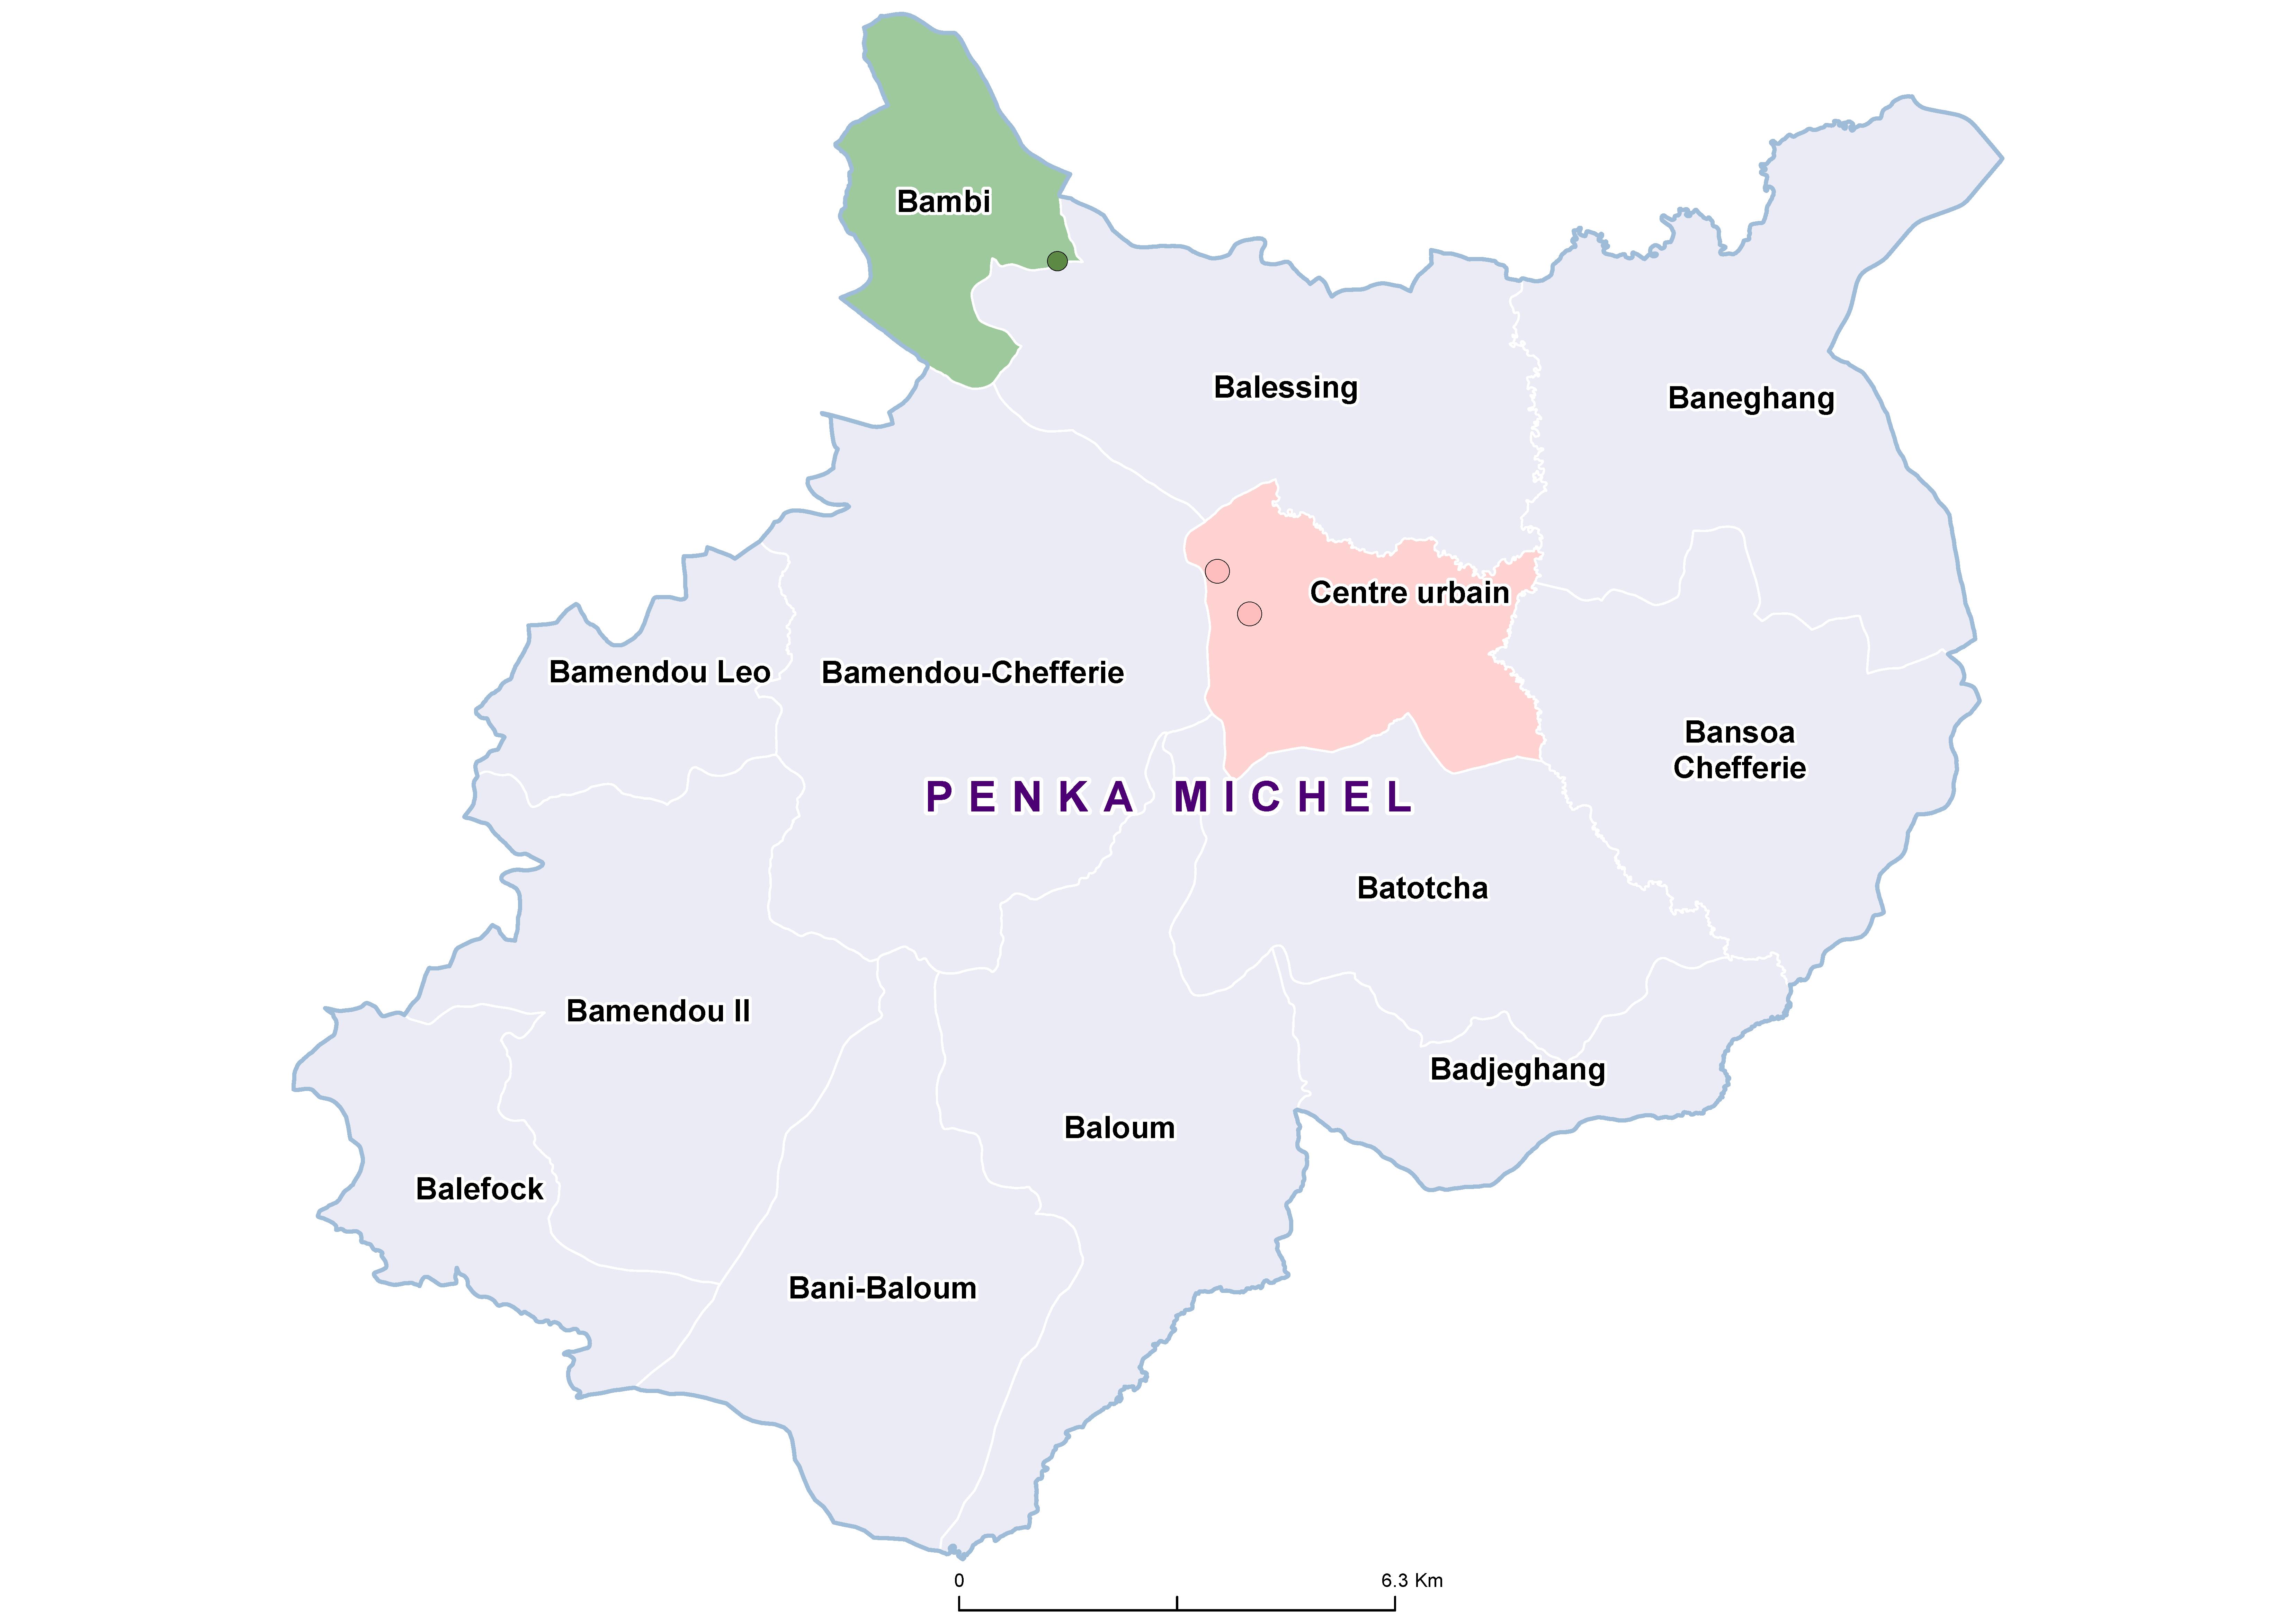 Penka Michel SCH 19850001